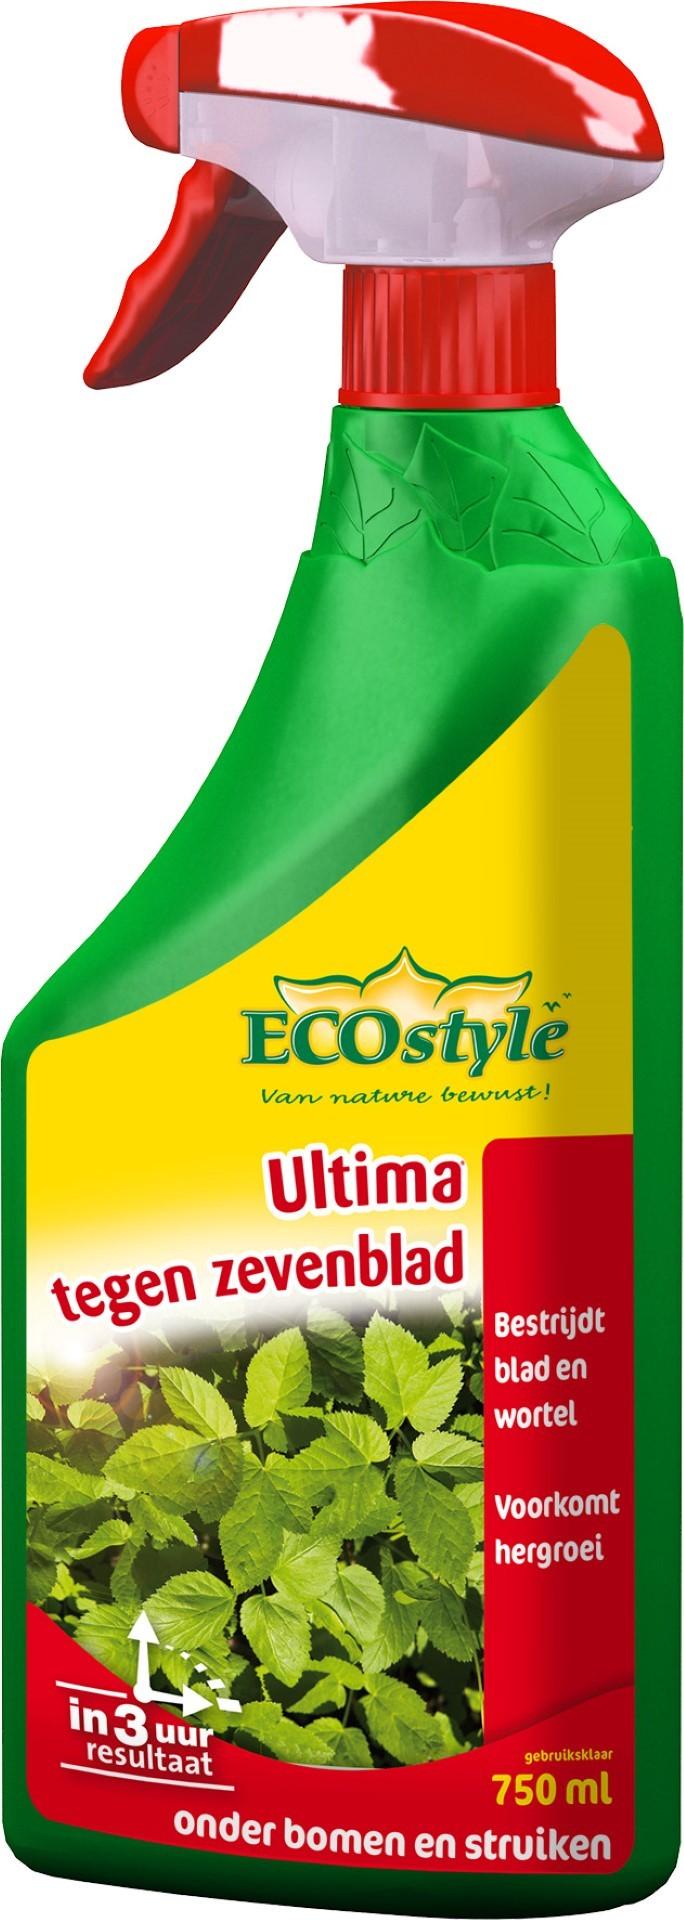 Ultima zevenblad gebruiksklaar 750 ml